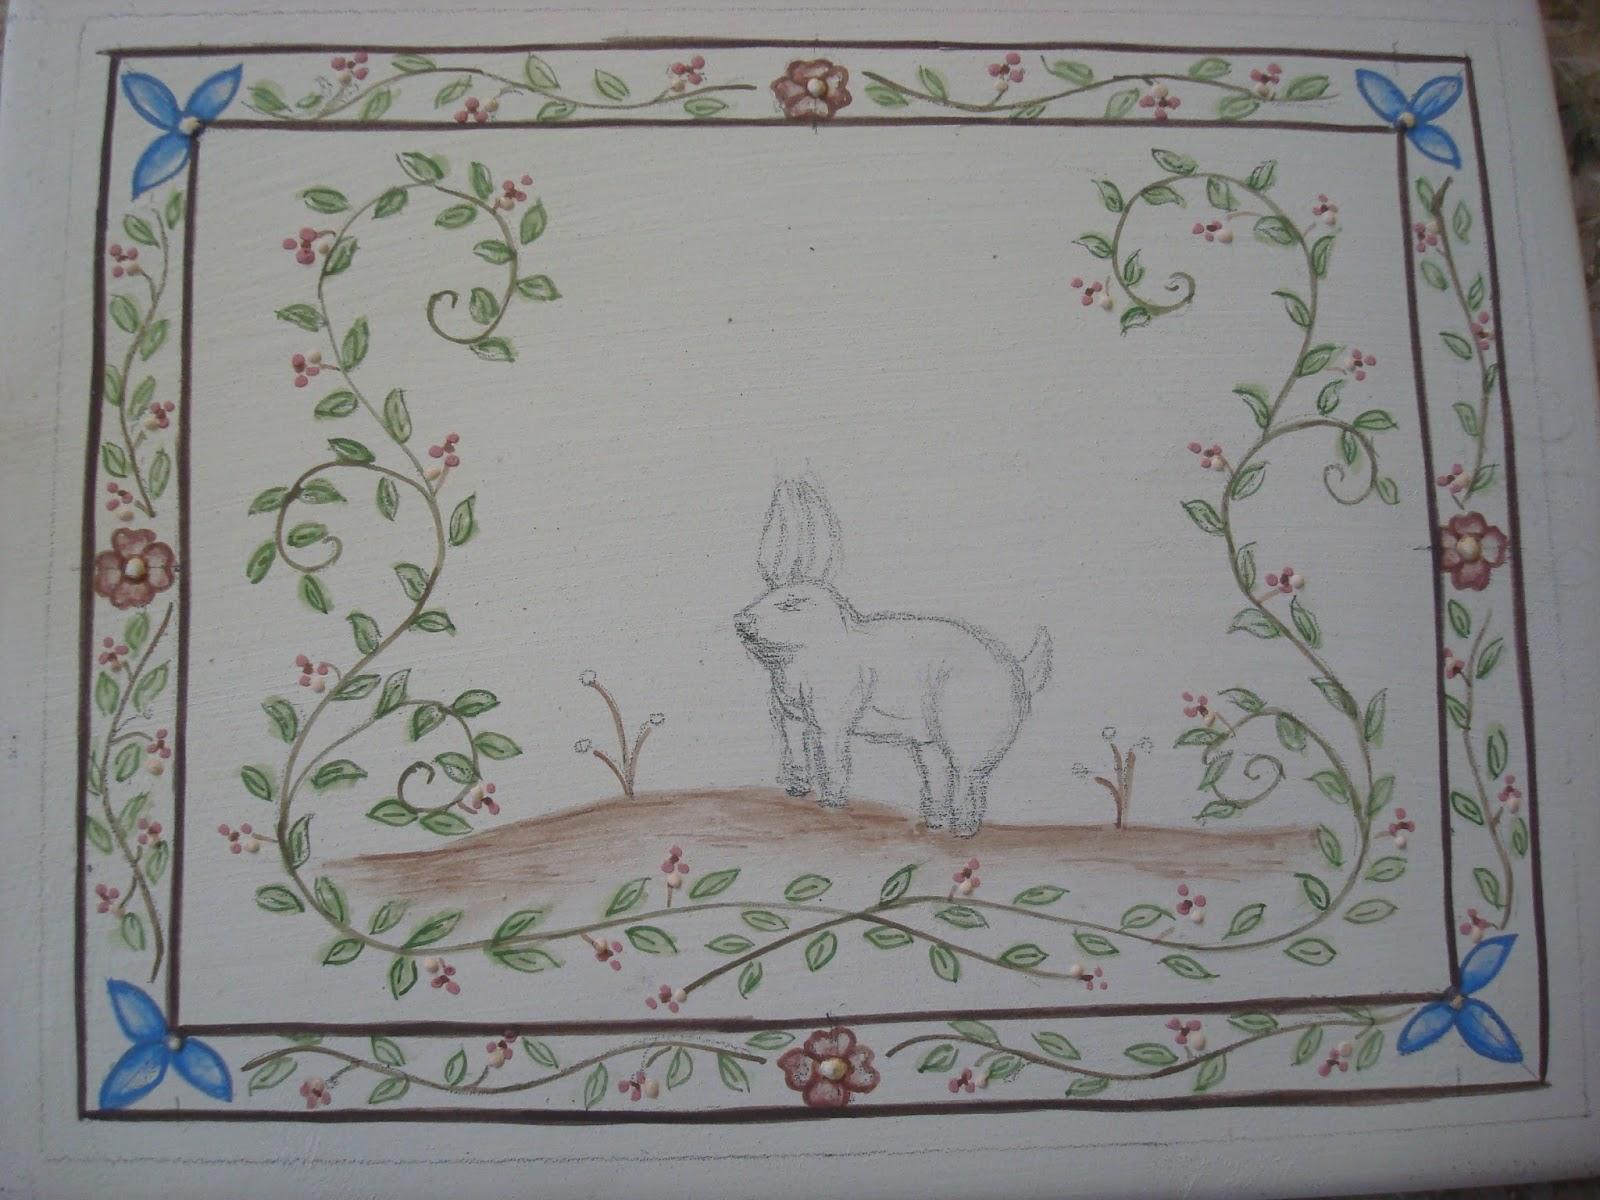 Pinturas da Yara: Para decorar a sua varanda ou jardim de inverno!!! #2F4B75 1600x1200 Banheiro Azulejo Ou Pintura